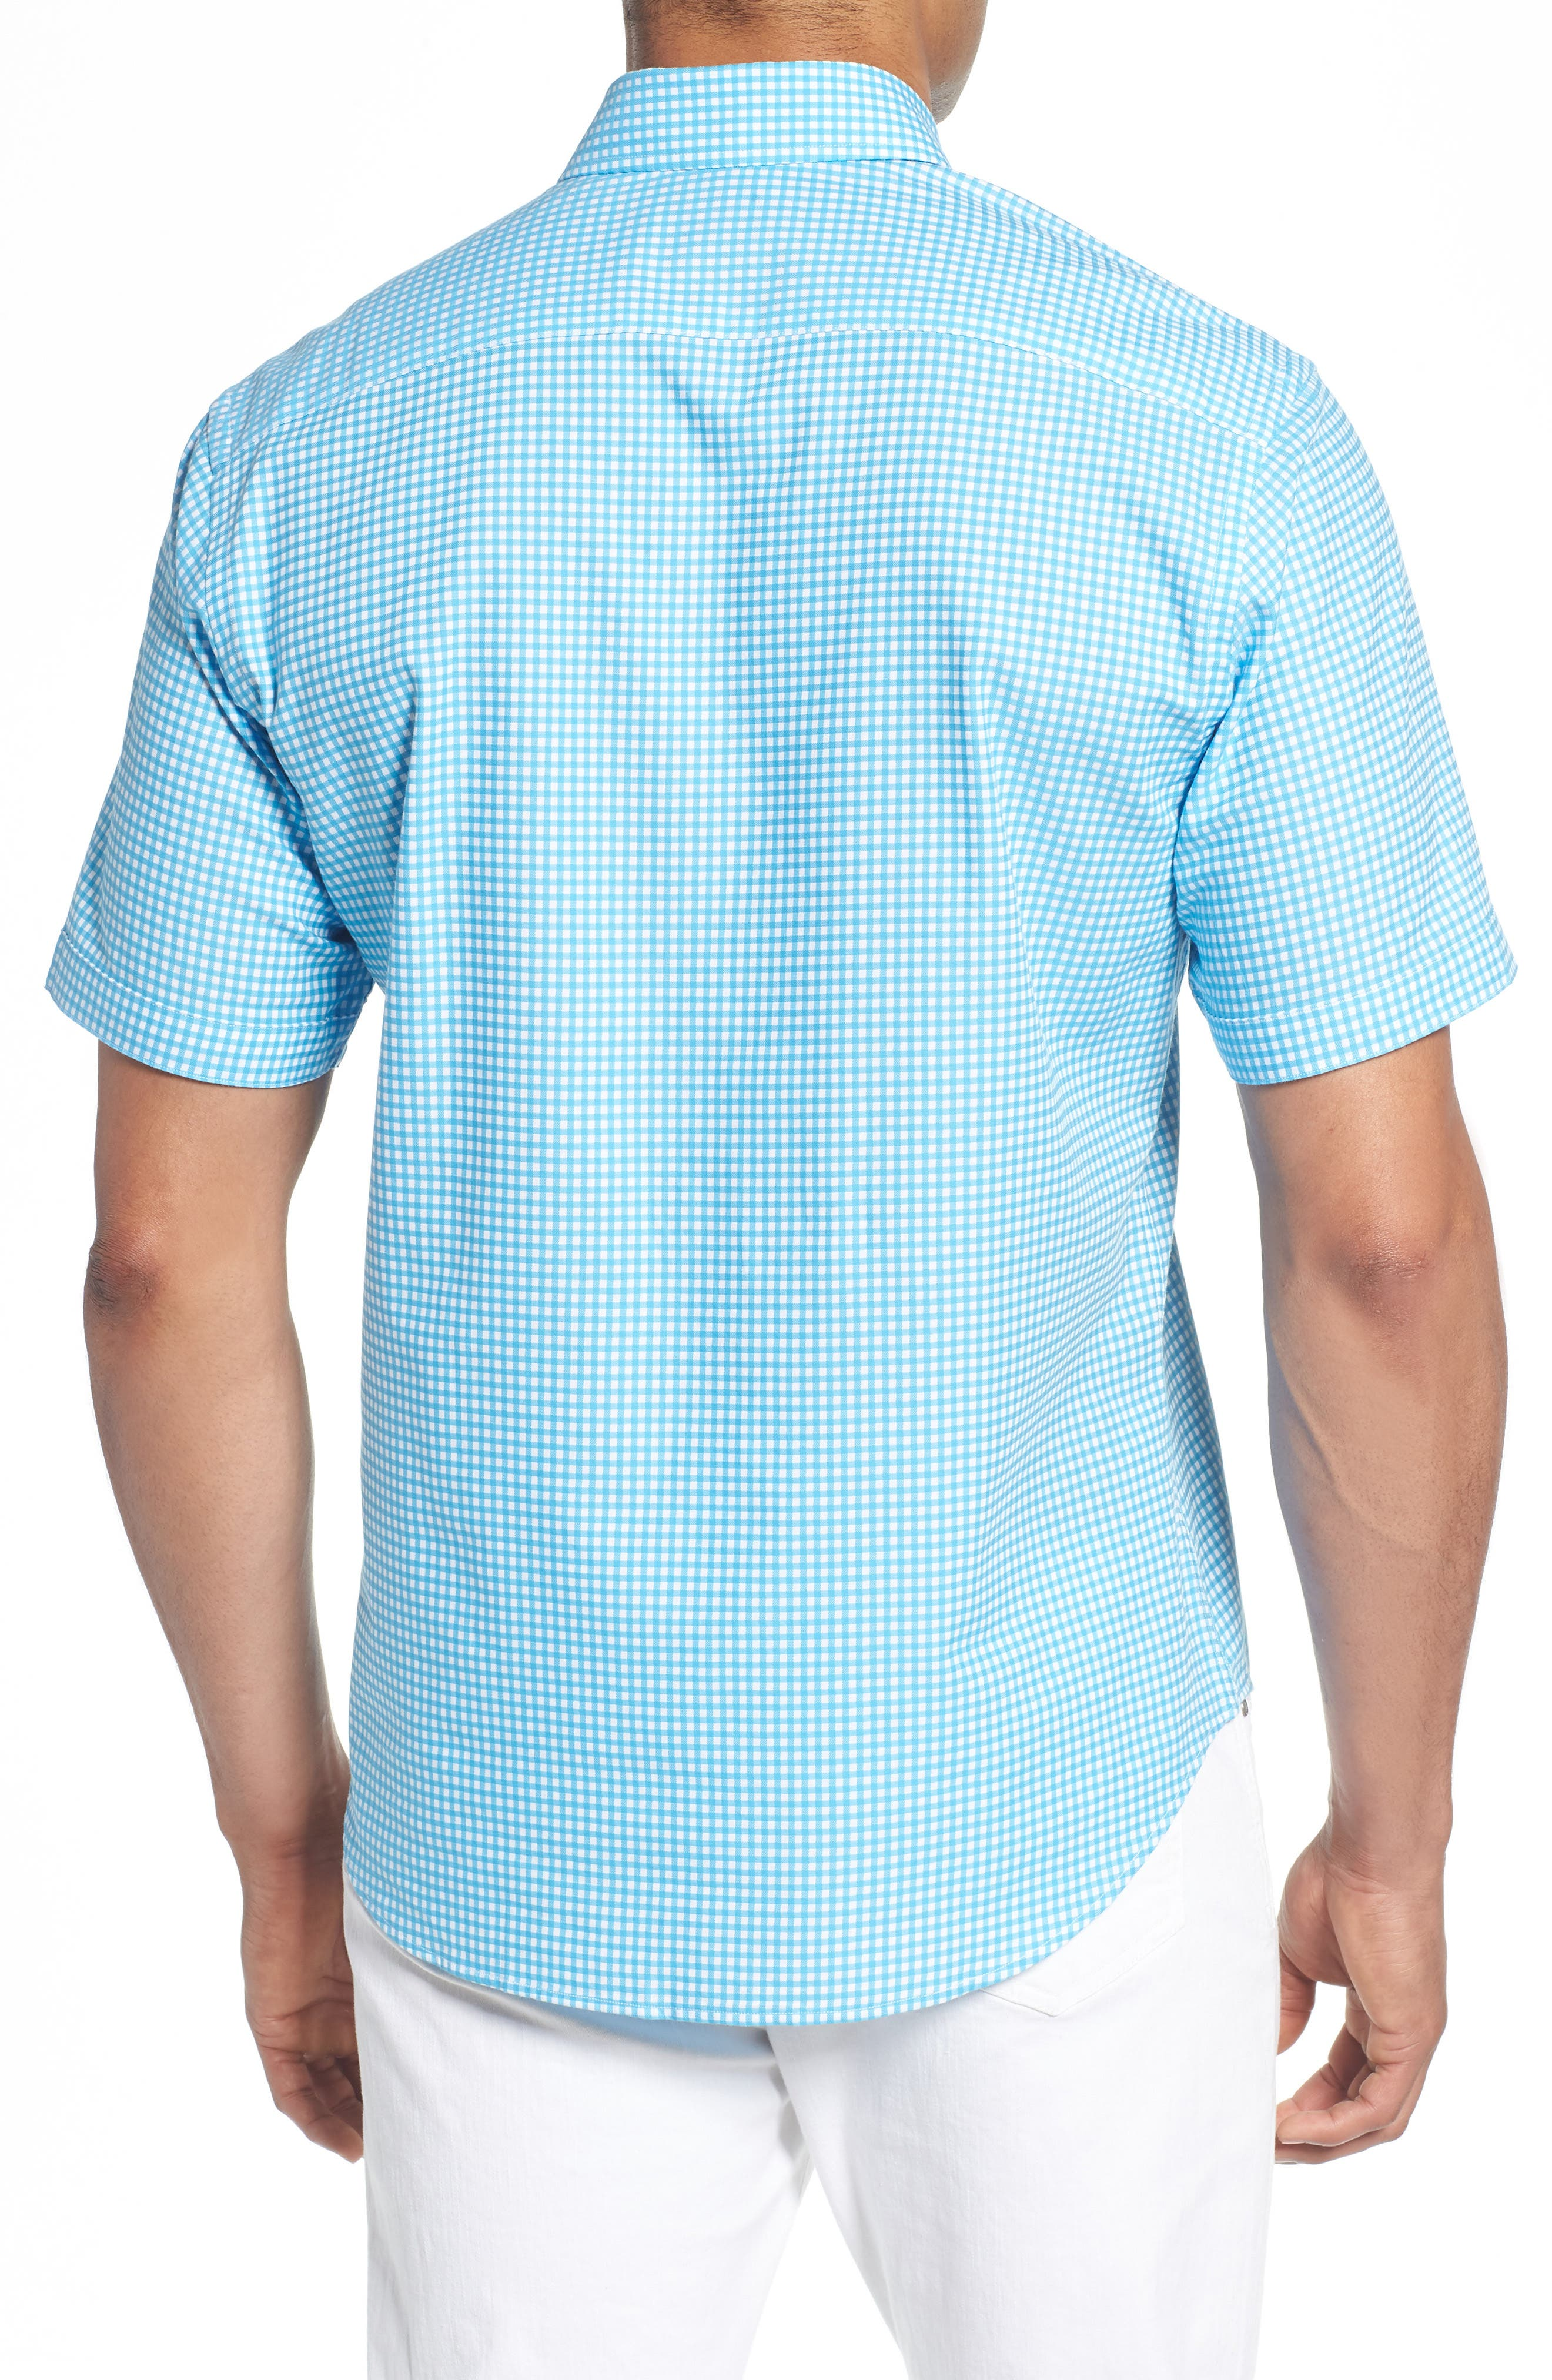 Aden Regular Fit Sport Shirt,                             Alternate thumbnail 2, color,                             Aqua